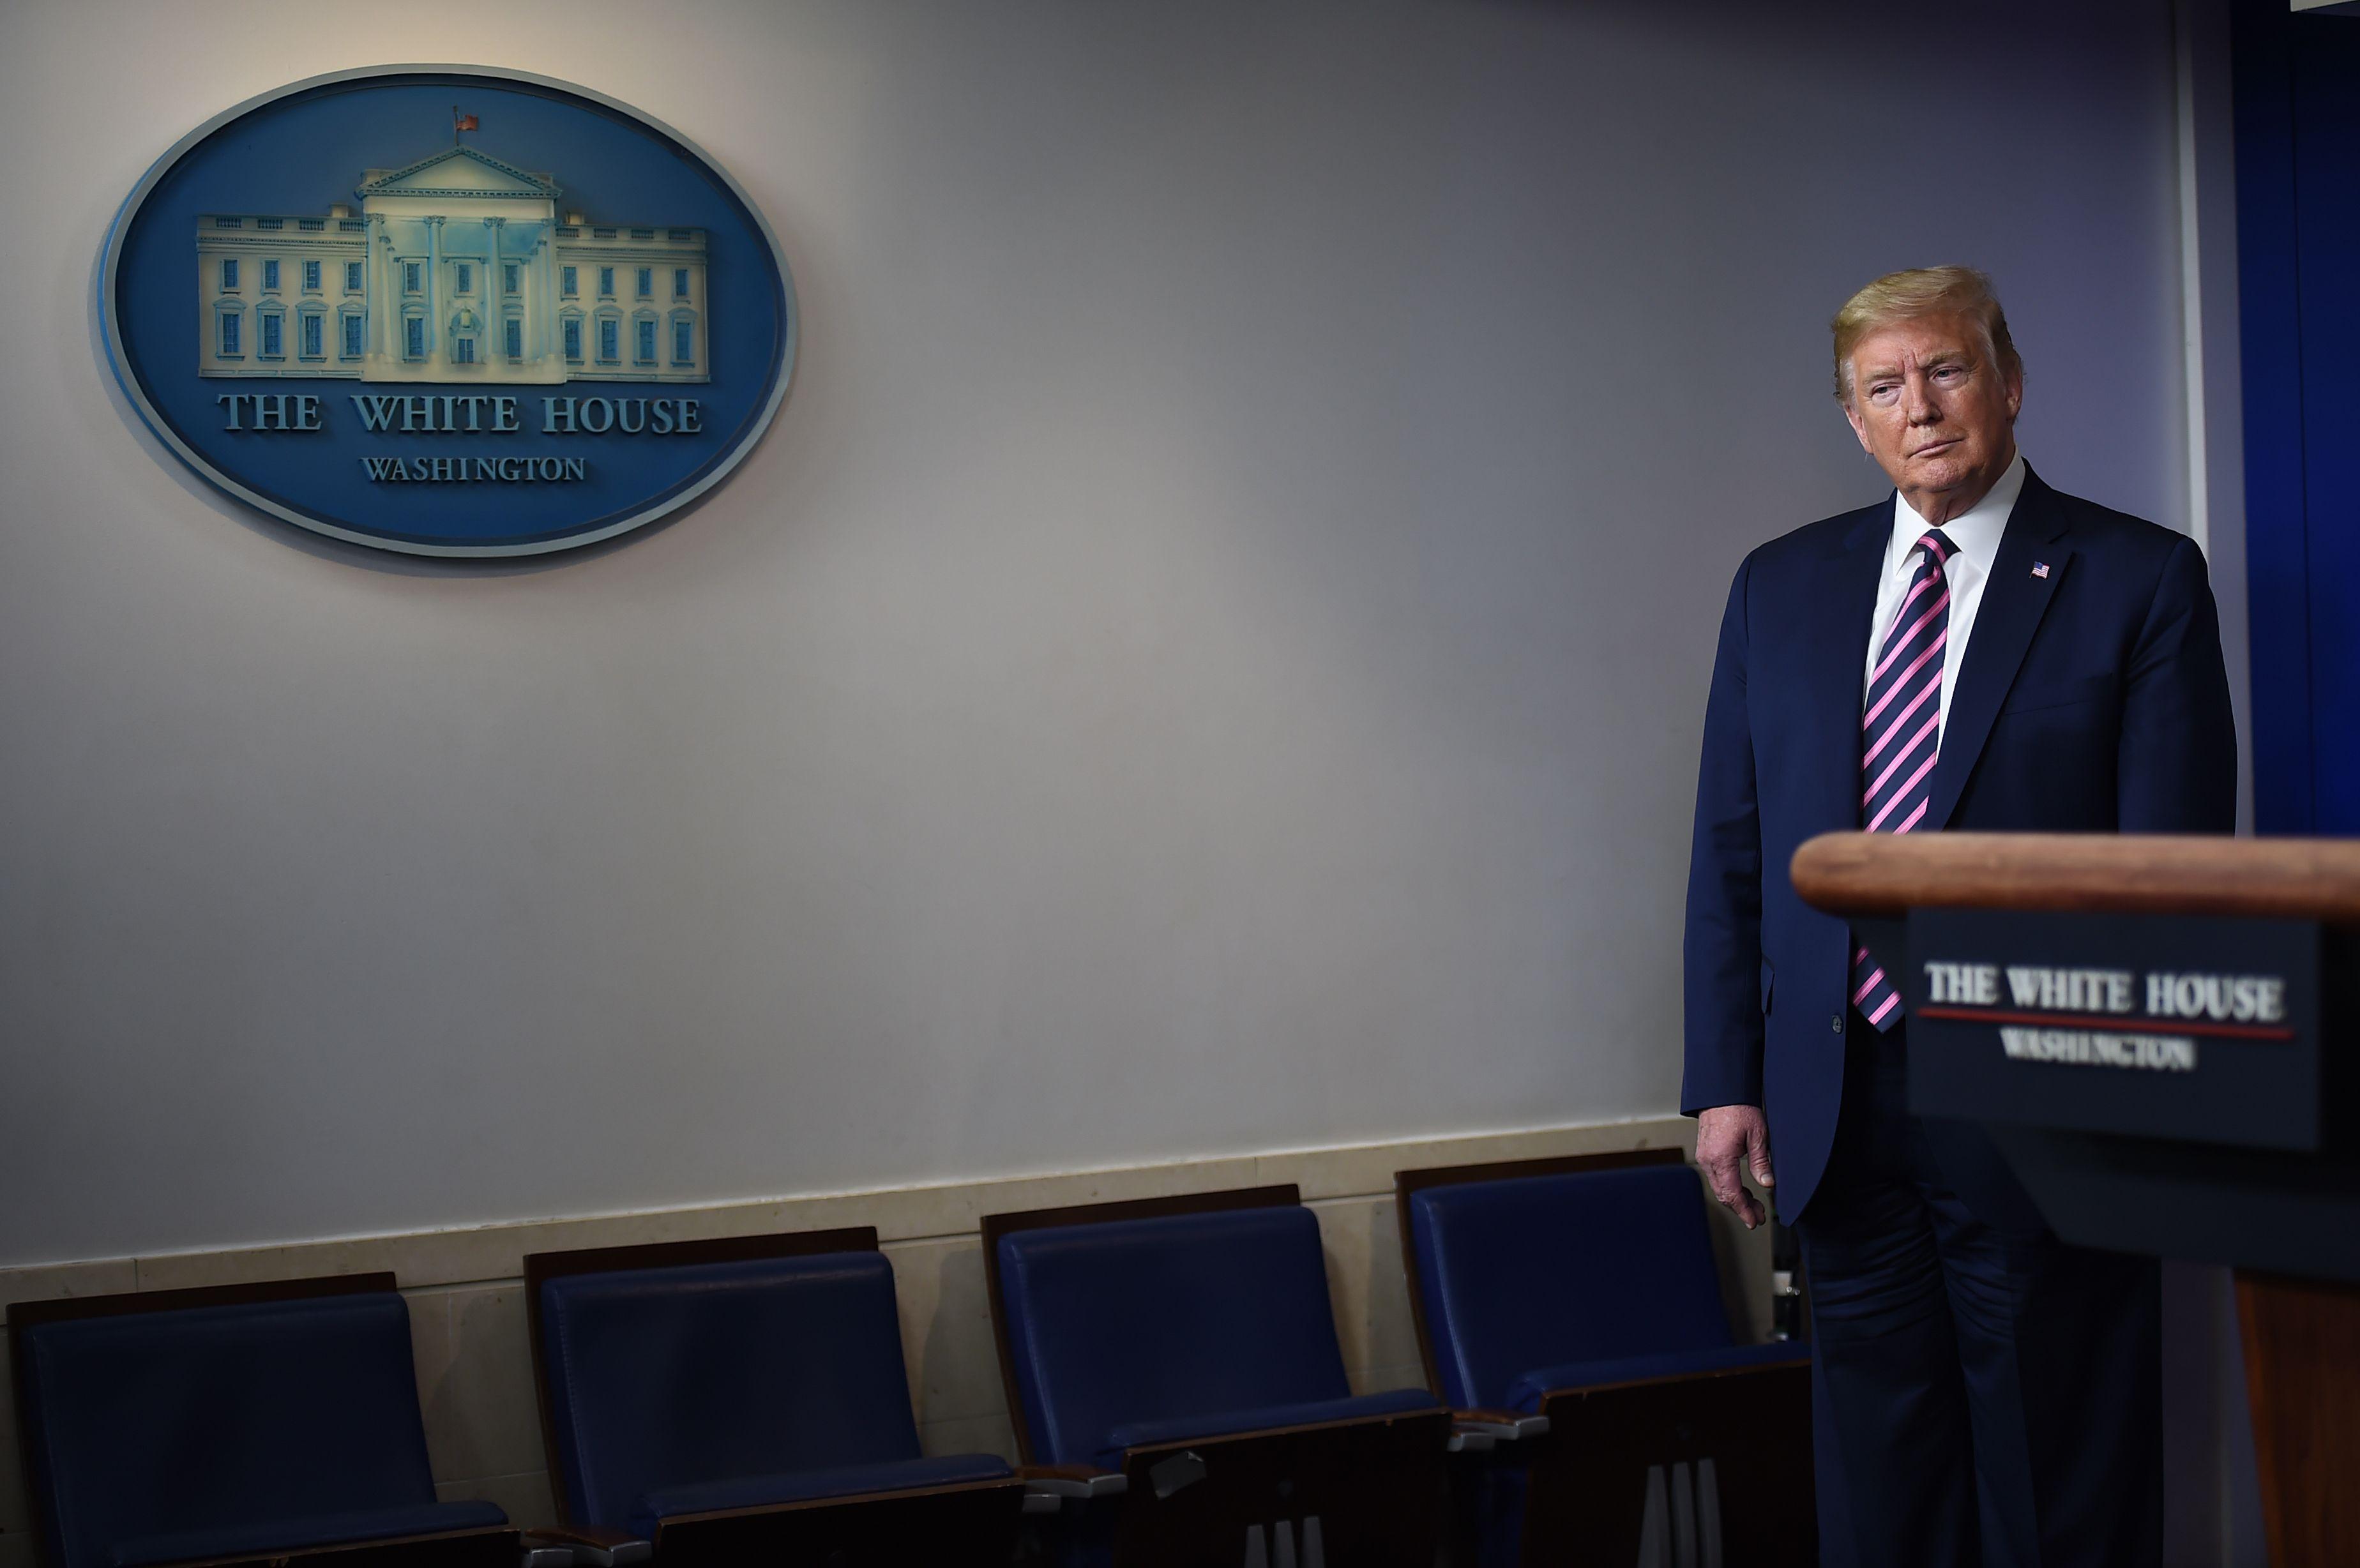 Trump Plans to Stop Daily Coronavirus Briefings